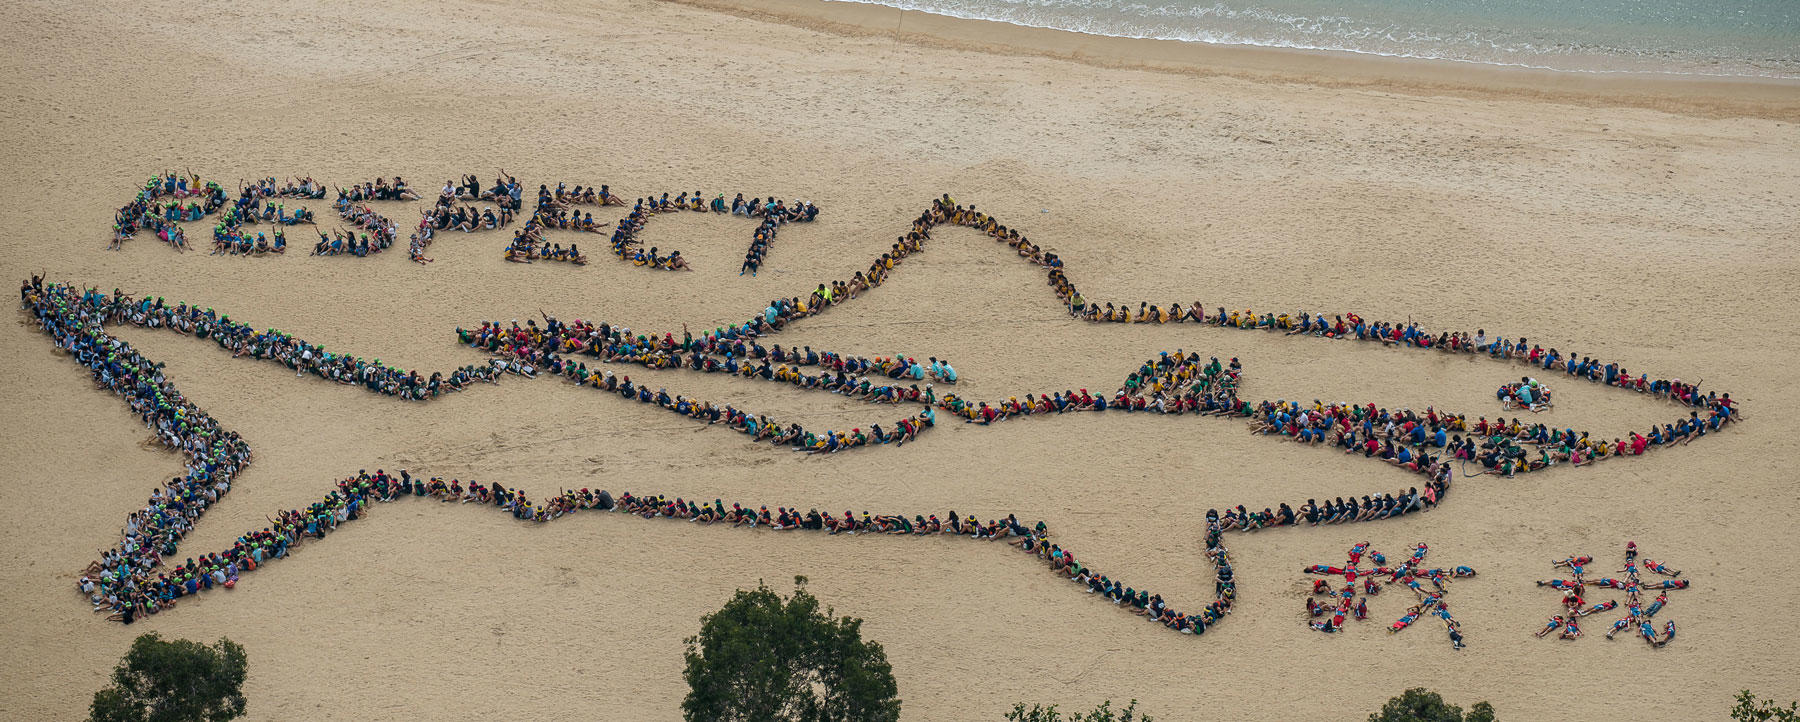 Respect sharks